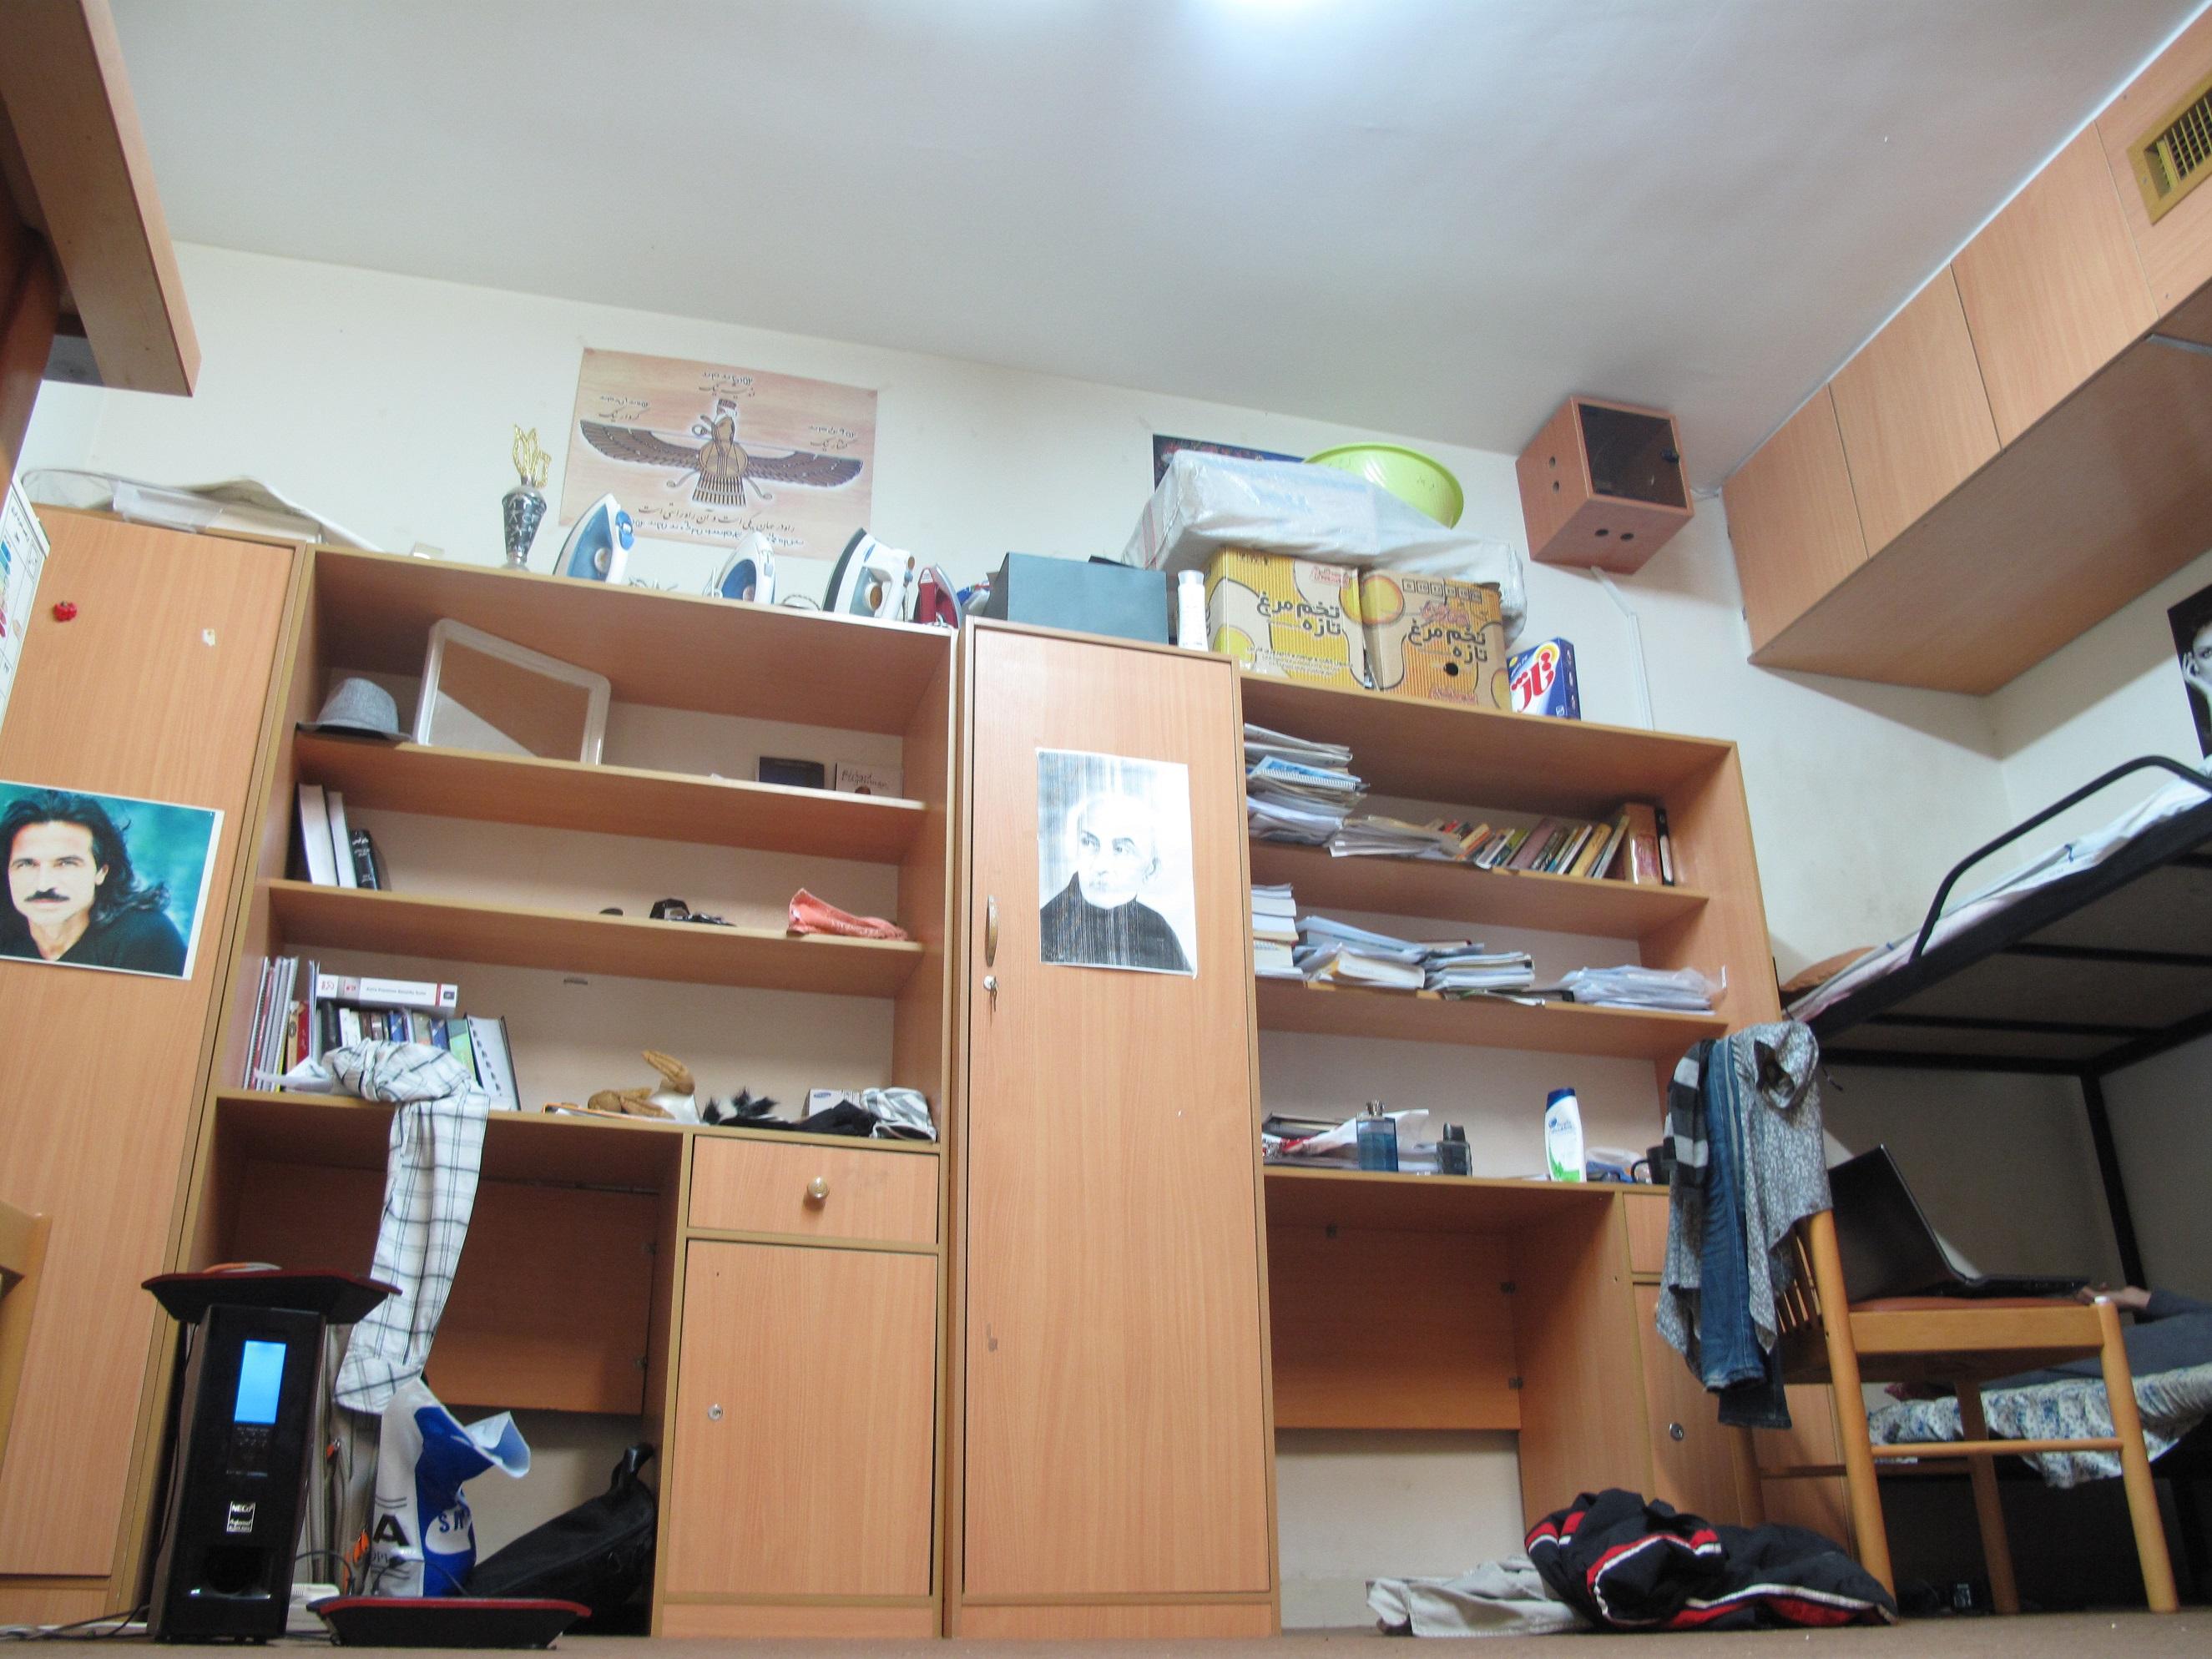 خوابگاه کارشناسی، سال چهارم. سمت راست کمد خودم، سمت چپ مال آرش بود.